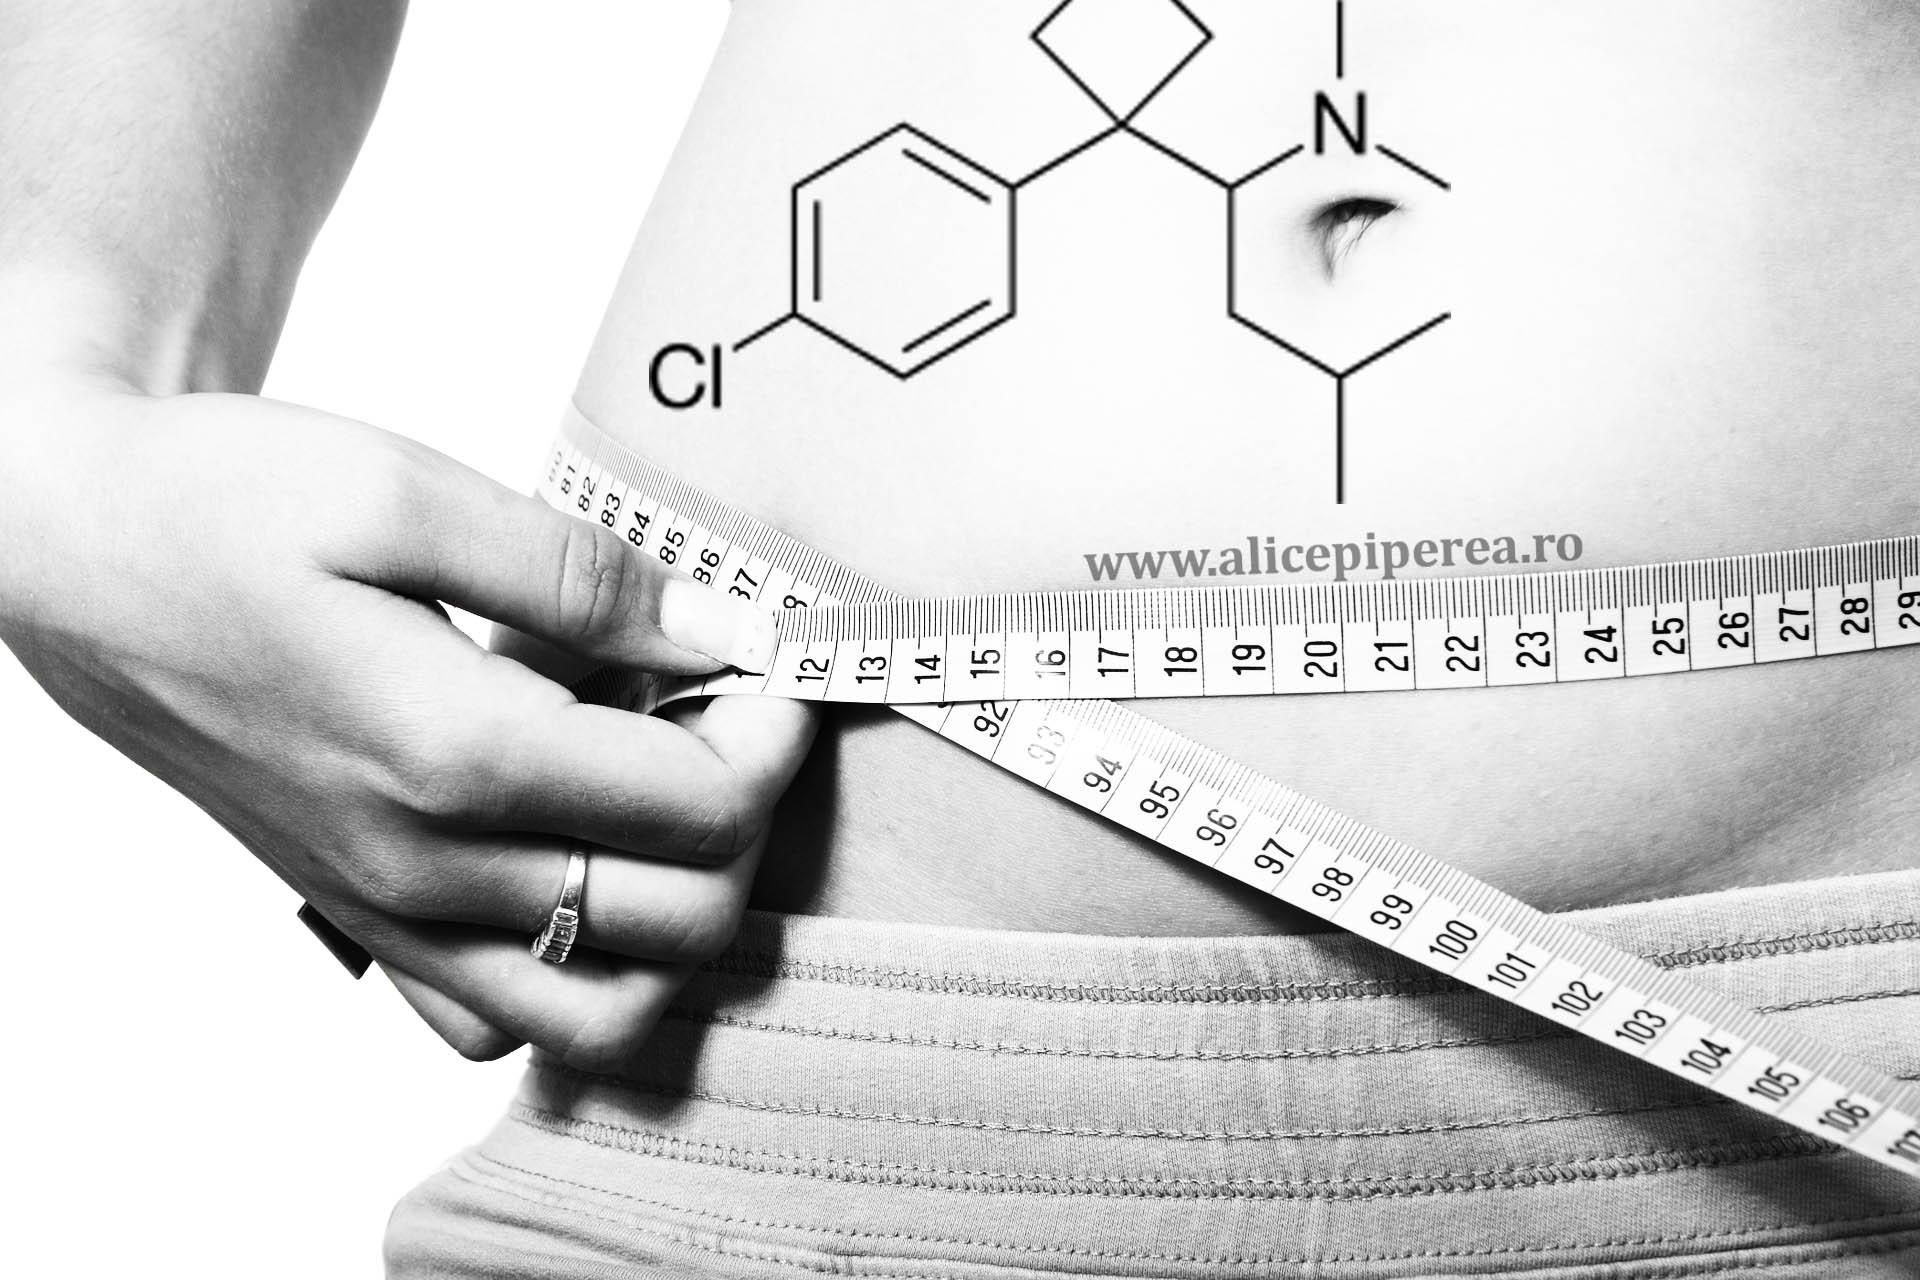 Diferența dintre pierderea în greutate și pierderea de grăsimi Diferența între - 2021 - Altele